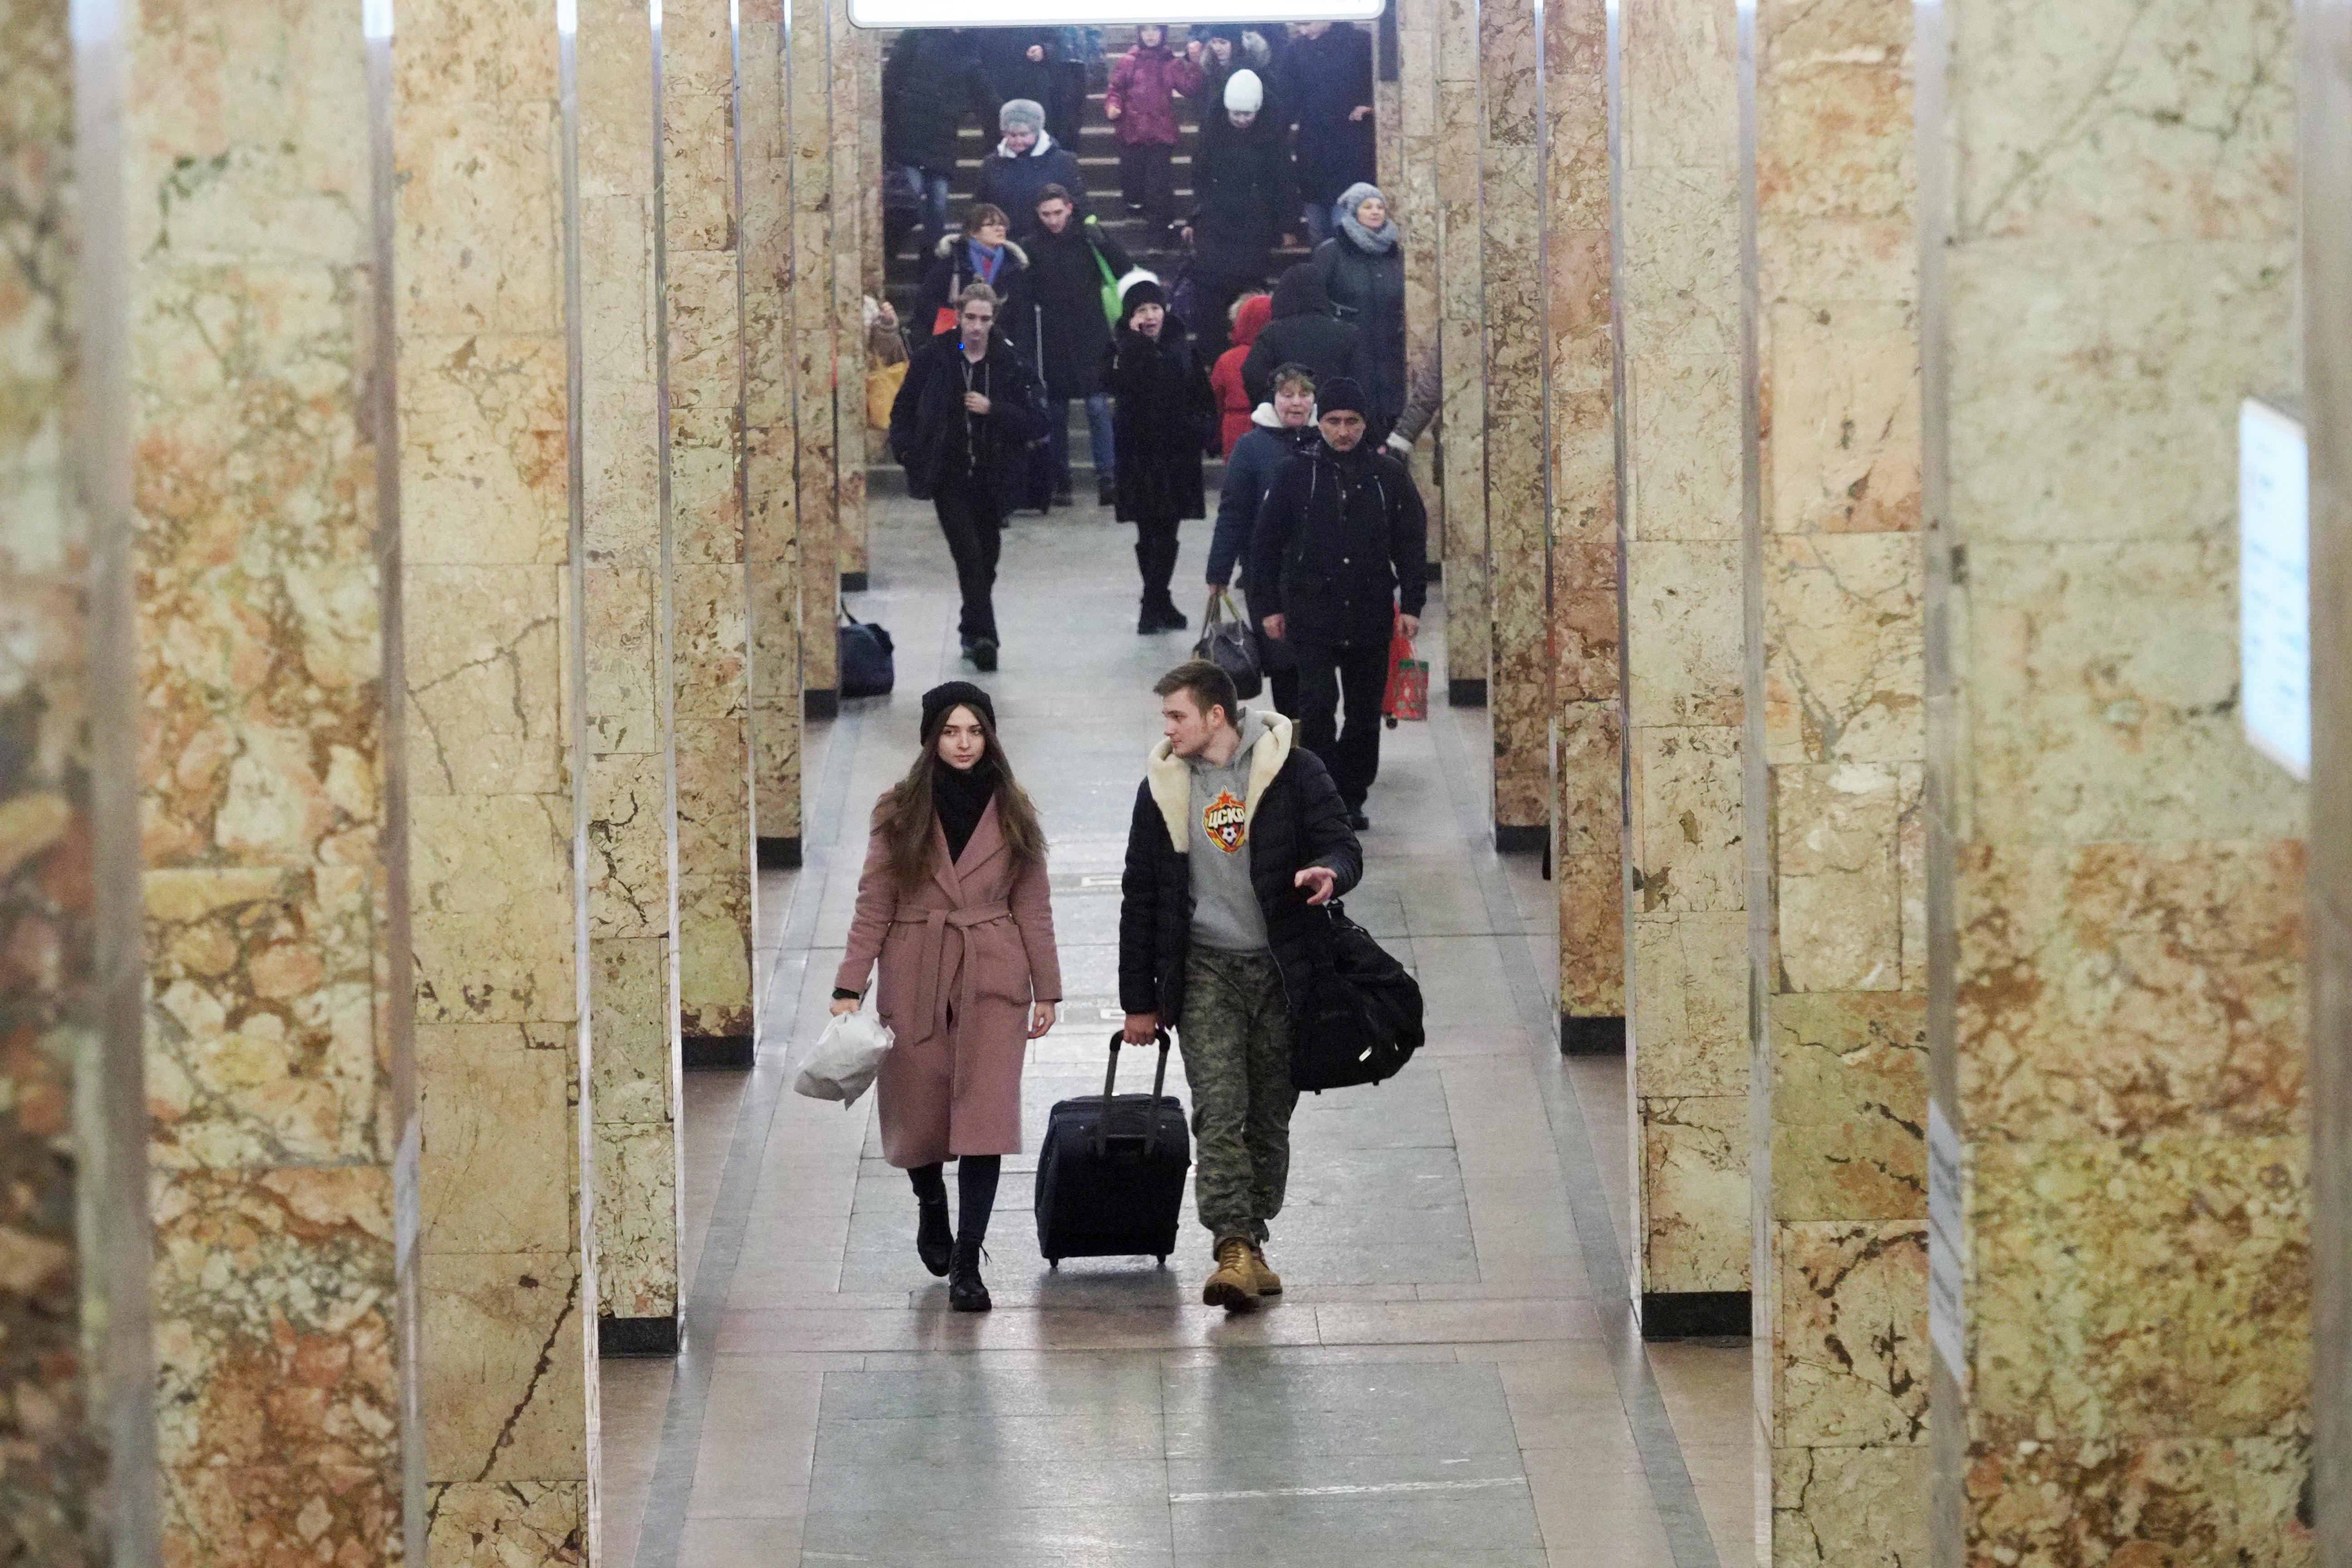 куртки фотосессии у метро курская уверена, что эти